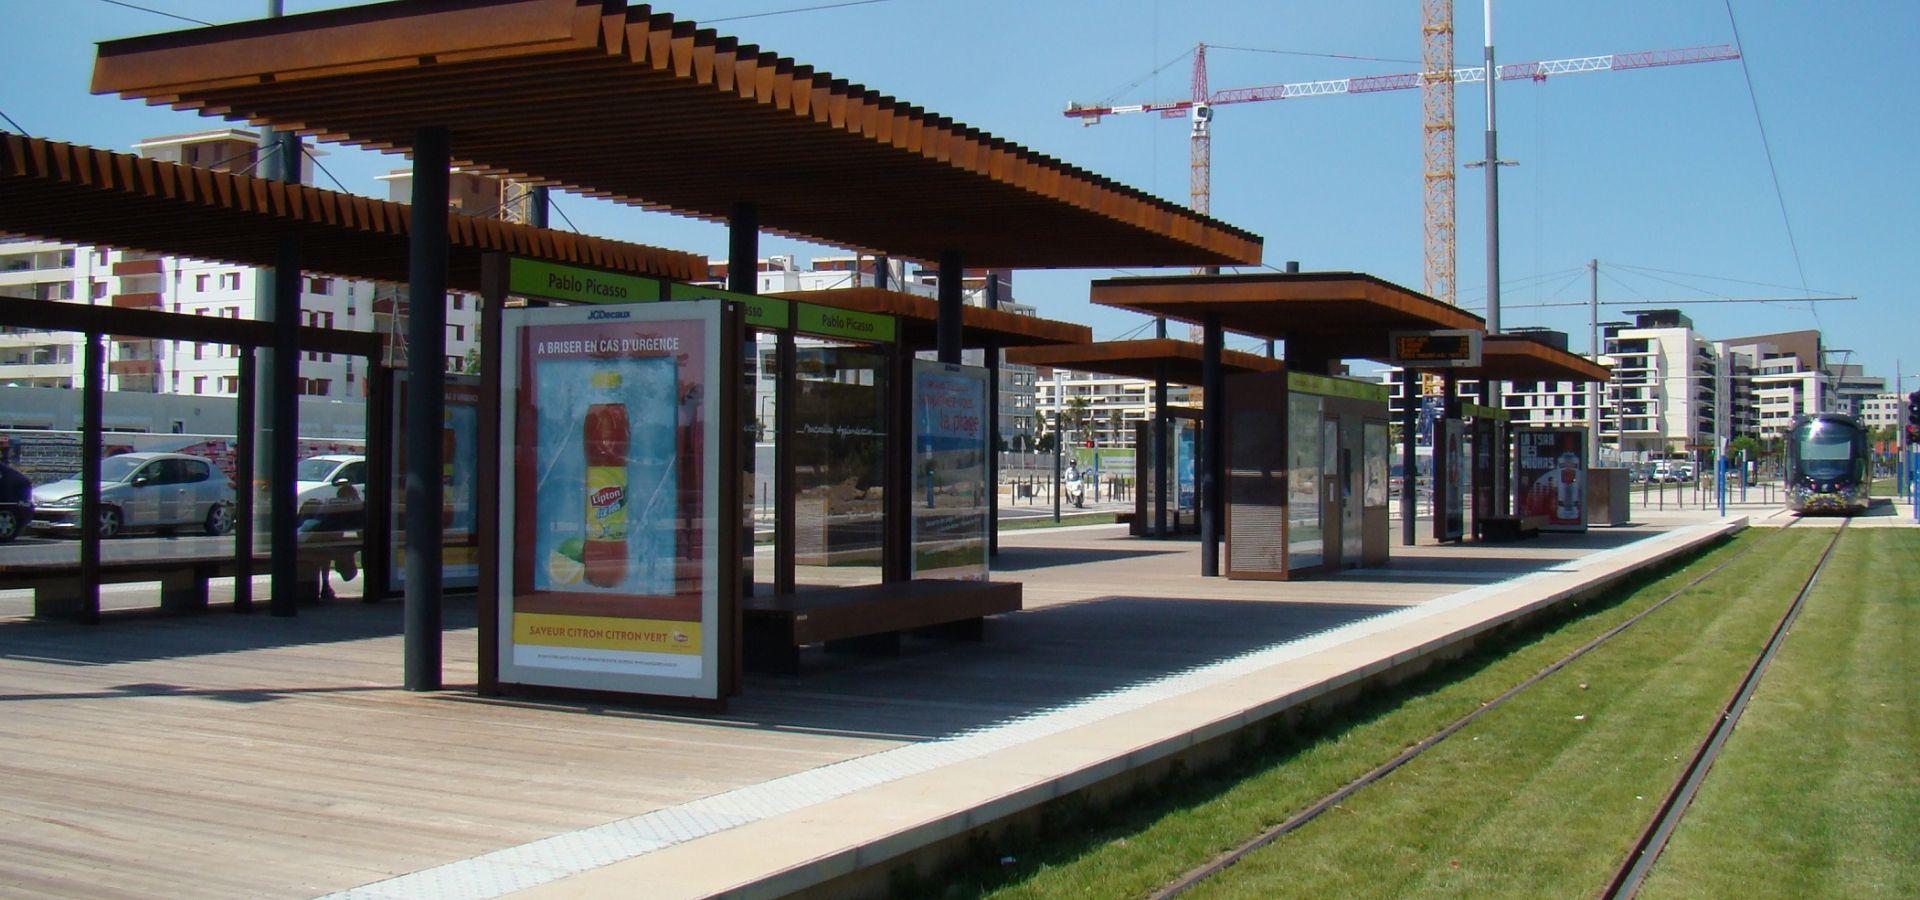 METALCO Fabricant d'abris voyageurs spécifiques, stations tramway, lignes BHNS, mobilier de quai